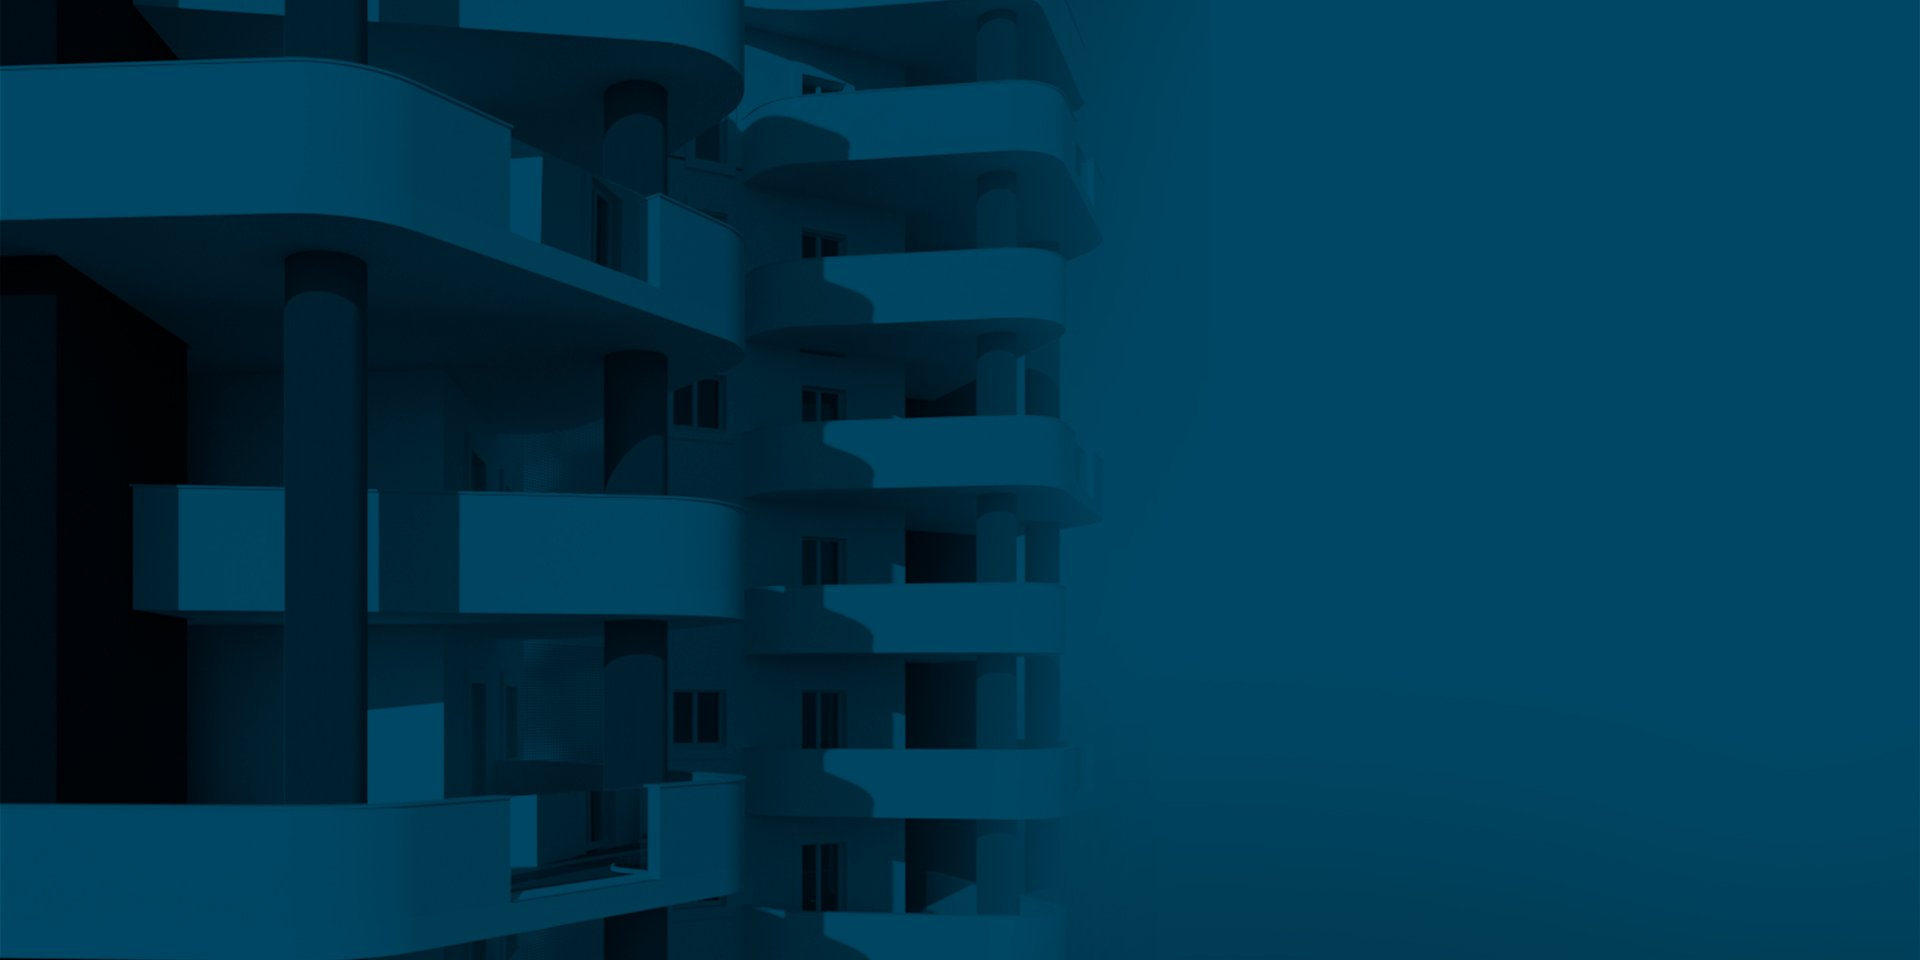 torre altogiardino facciata in blu